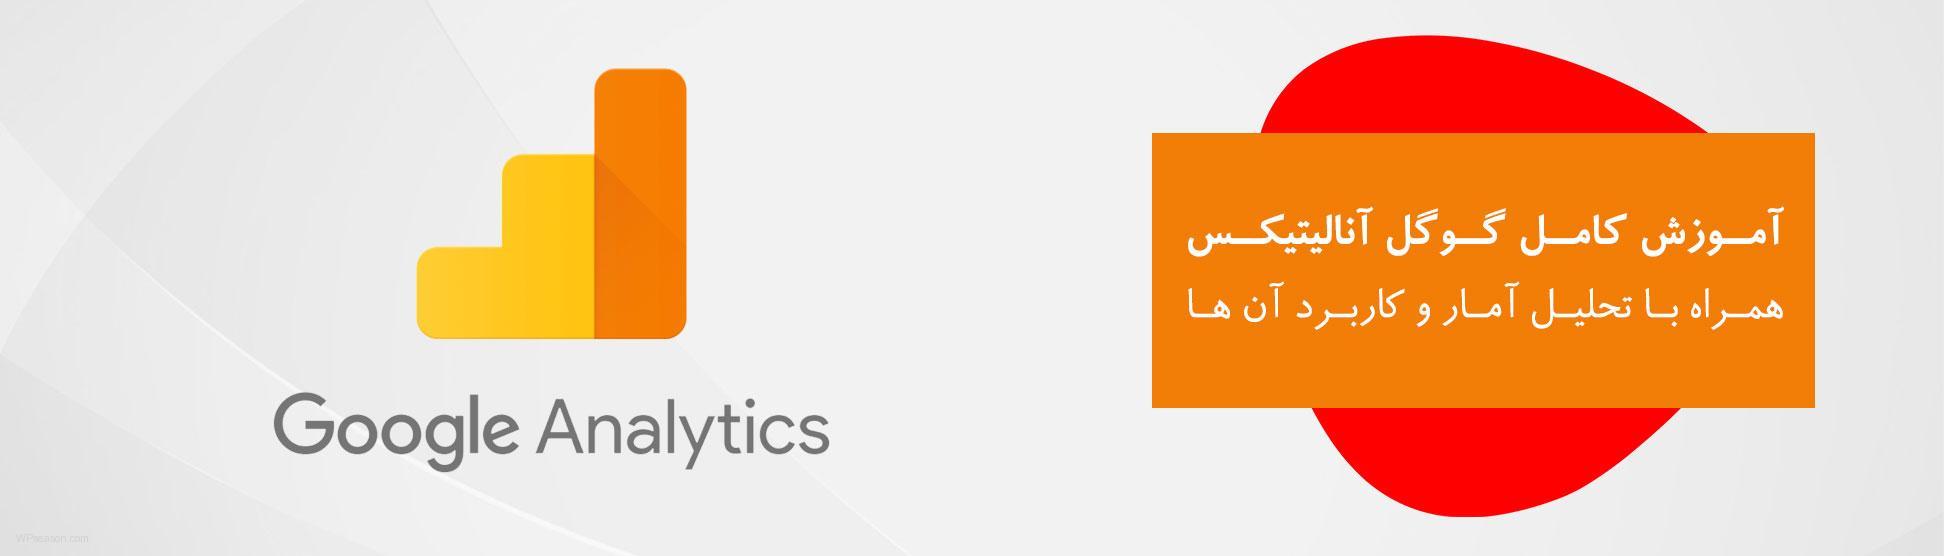 google analytics banner